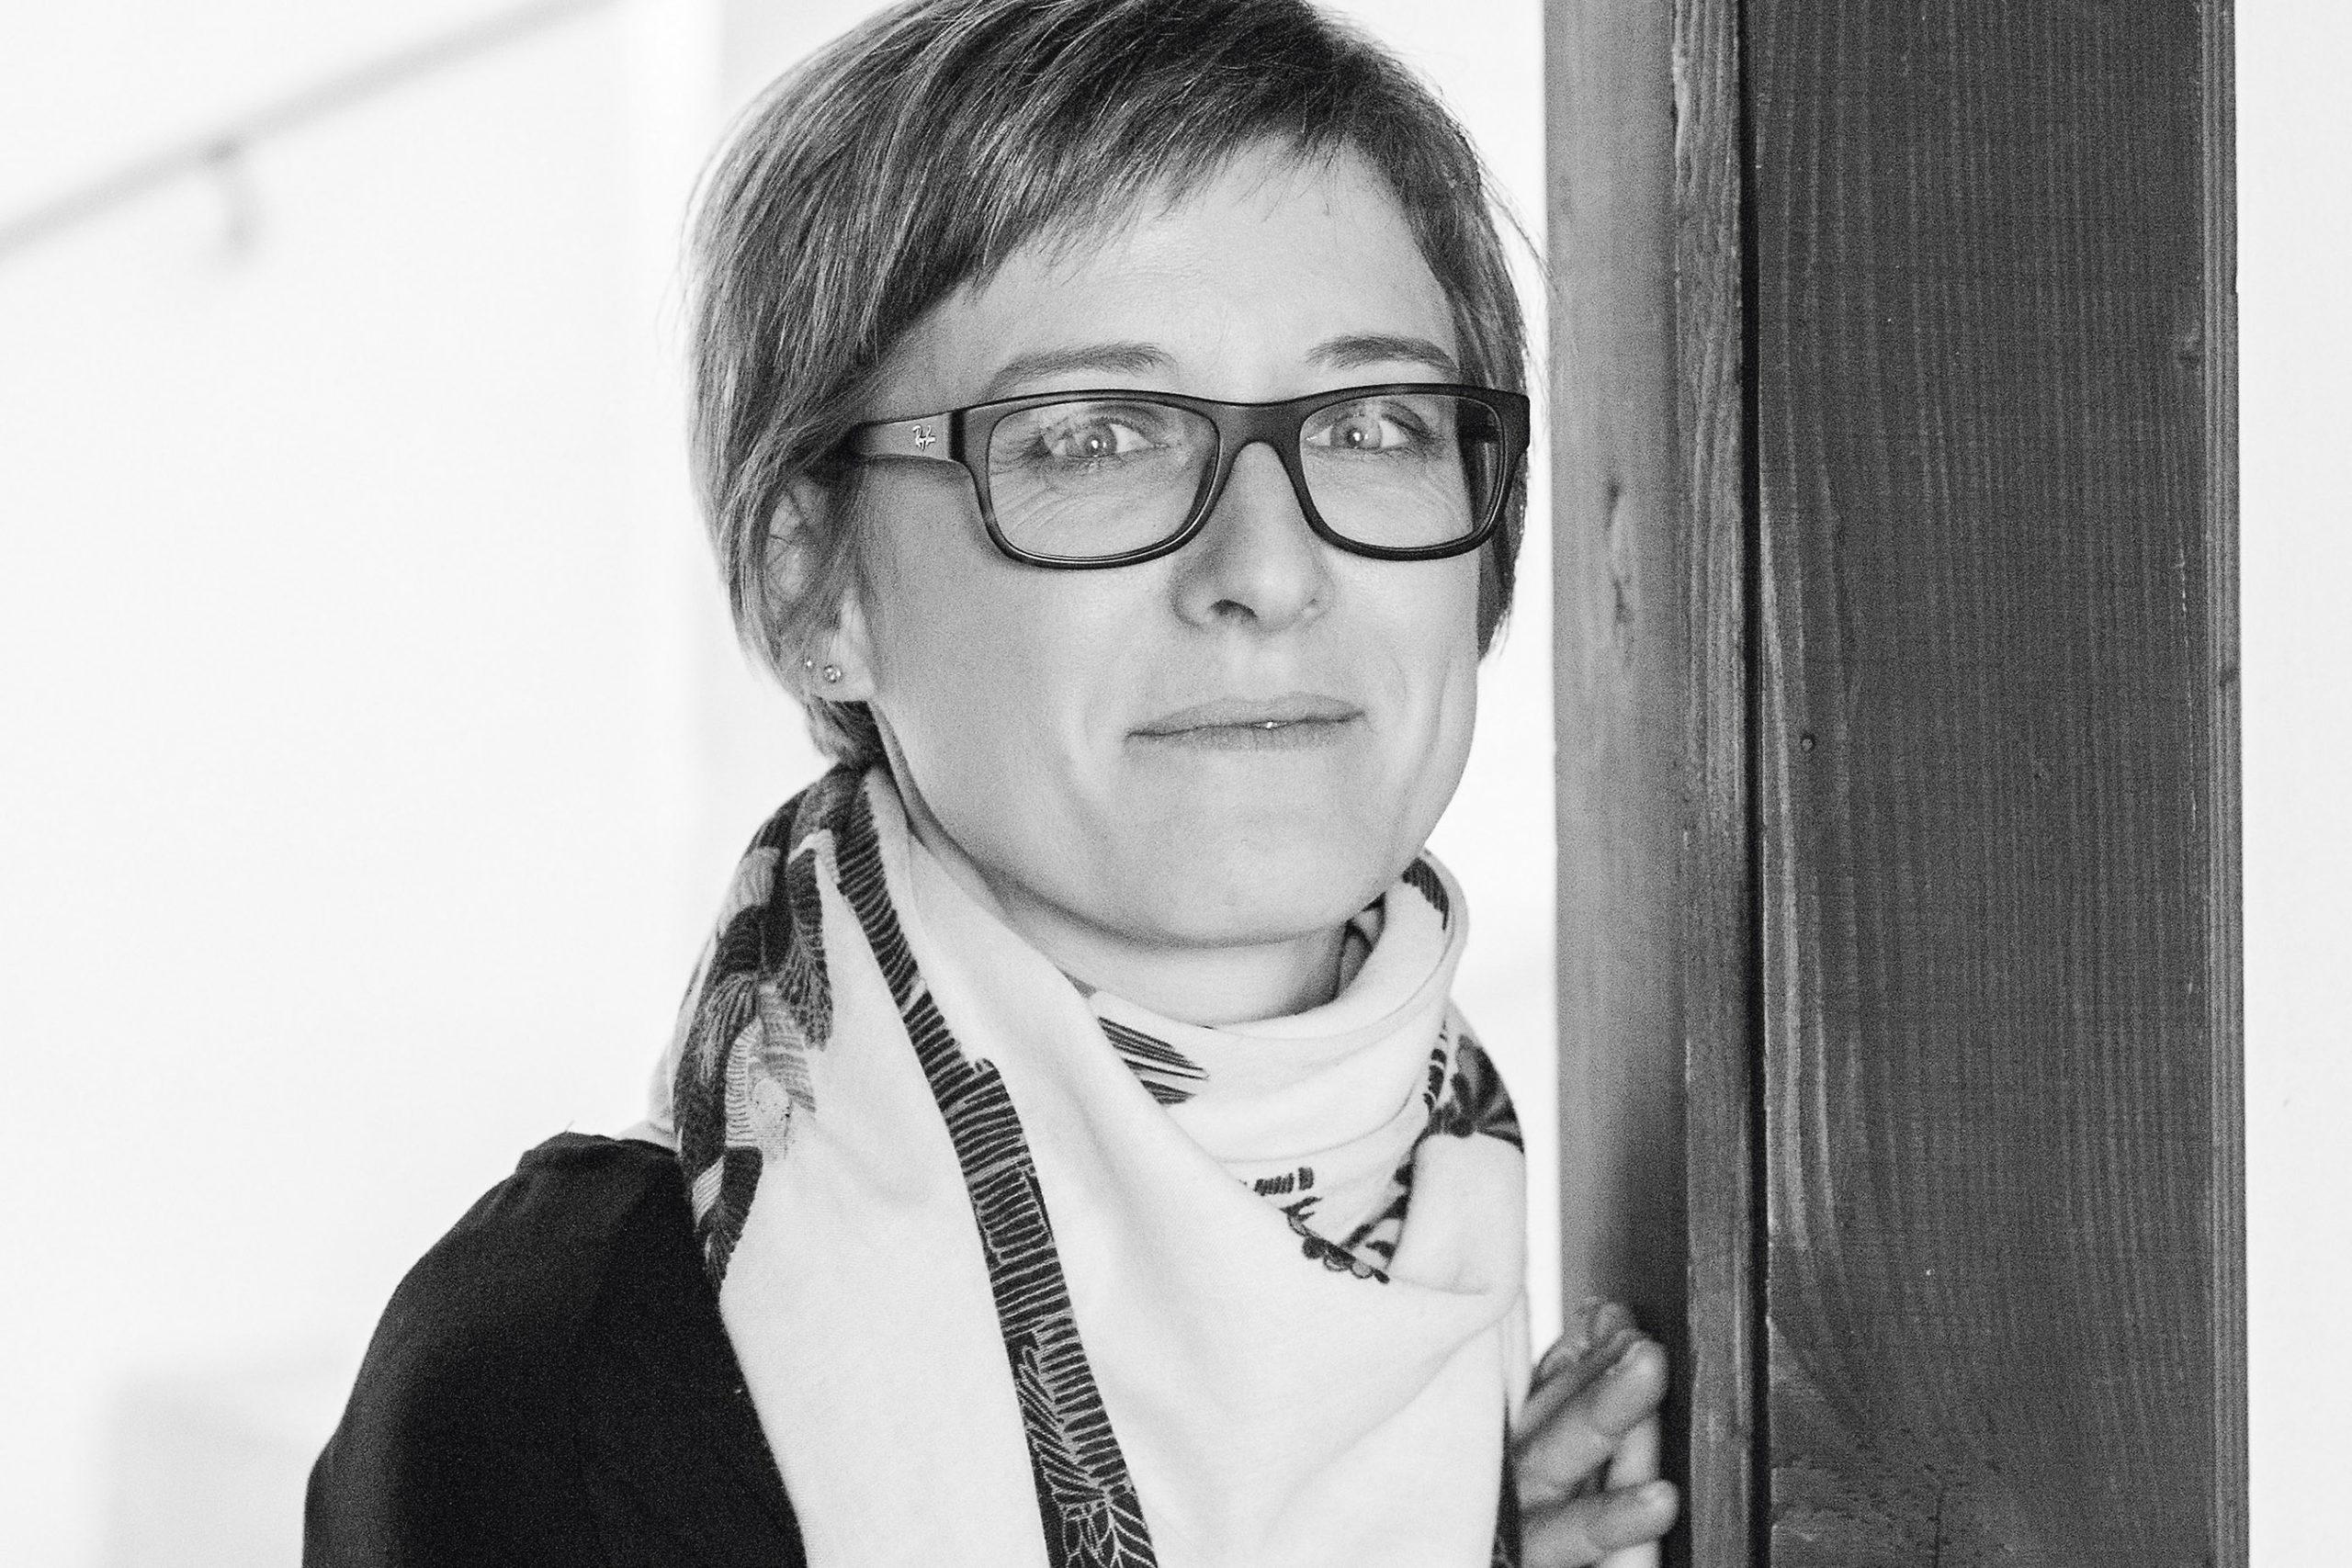 Dr. Nicole Ohneberg